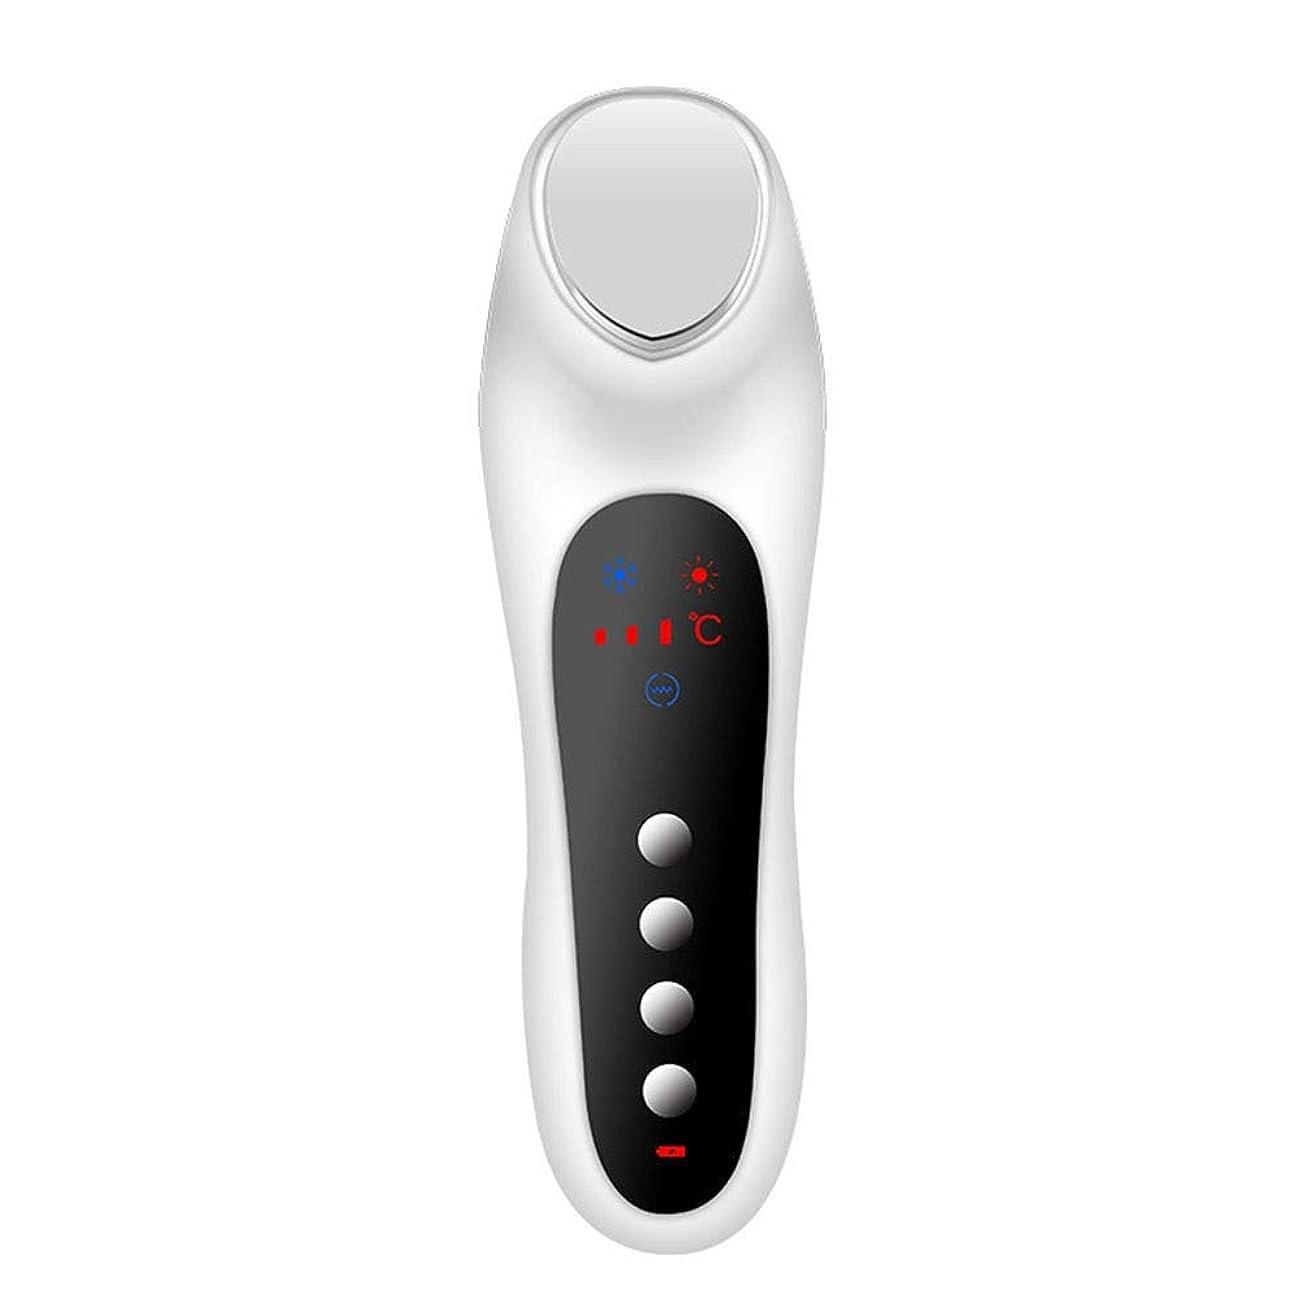 アーサー必需品真向こうスキンケア 家庭用USB充電冷温暖かいイオン深層導入デュアルモードホット&コールドスイッチング超音波振動マッサージマルチ運動エネルギー美容機器 (色 : White)